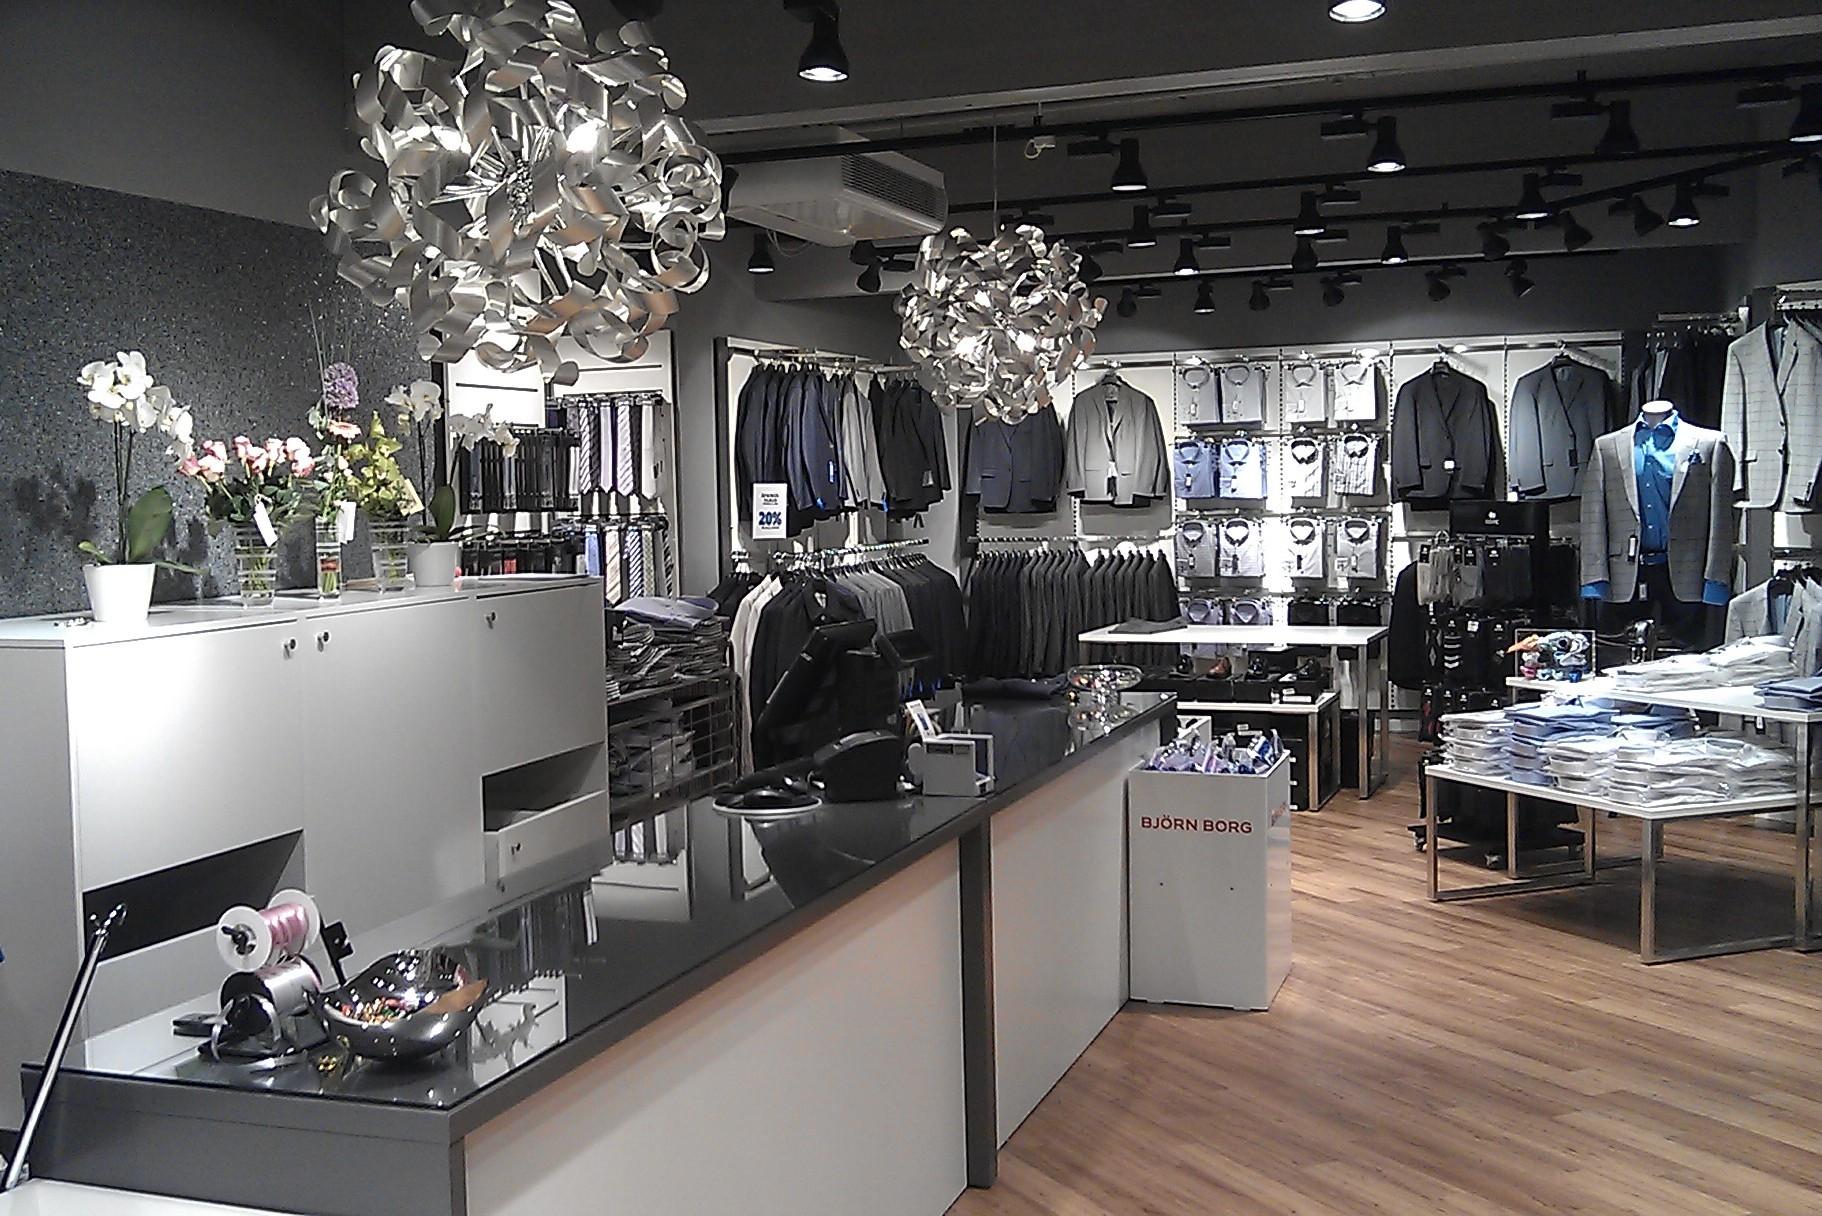 Butikkens indretnings koncept hvor hvide og grå nuancer går igennem. Butiksinventar. Væginventar